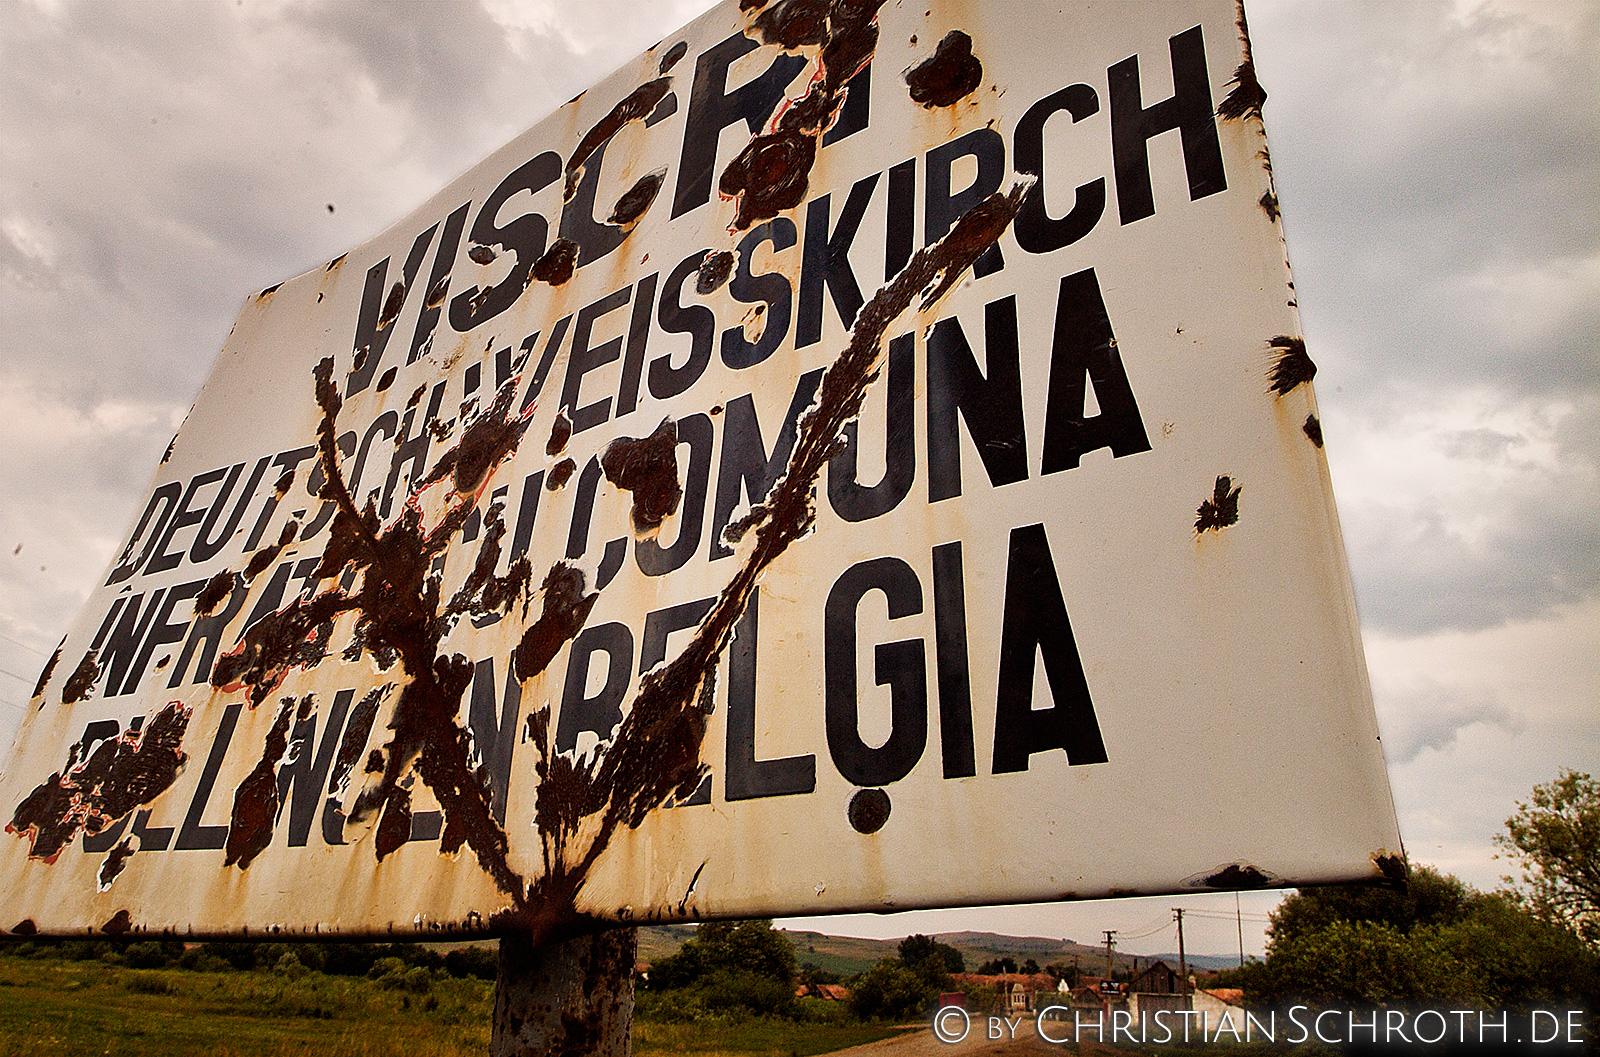 UNESCO Weltkulturerbe: Viscri / Deutschweisskirch